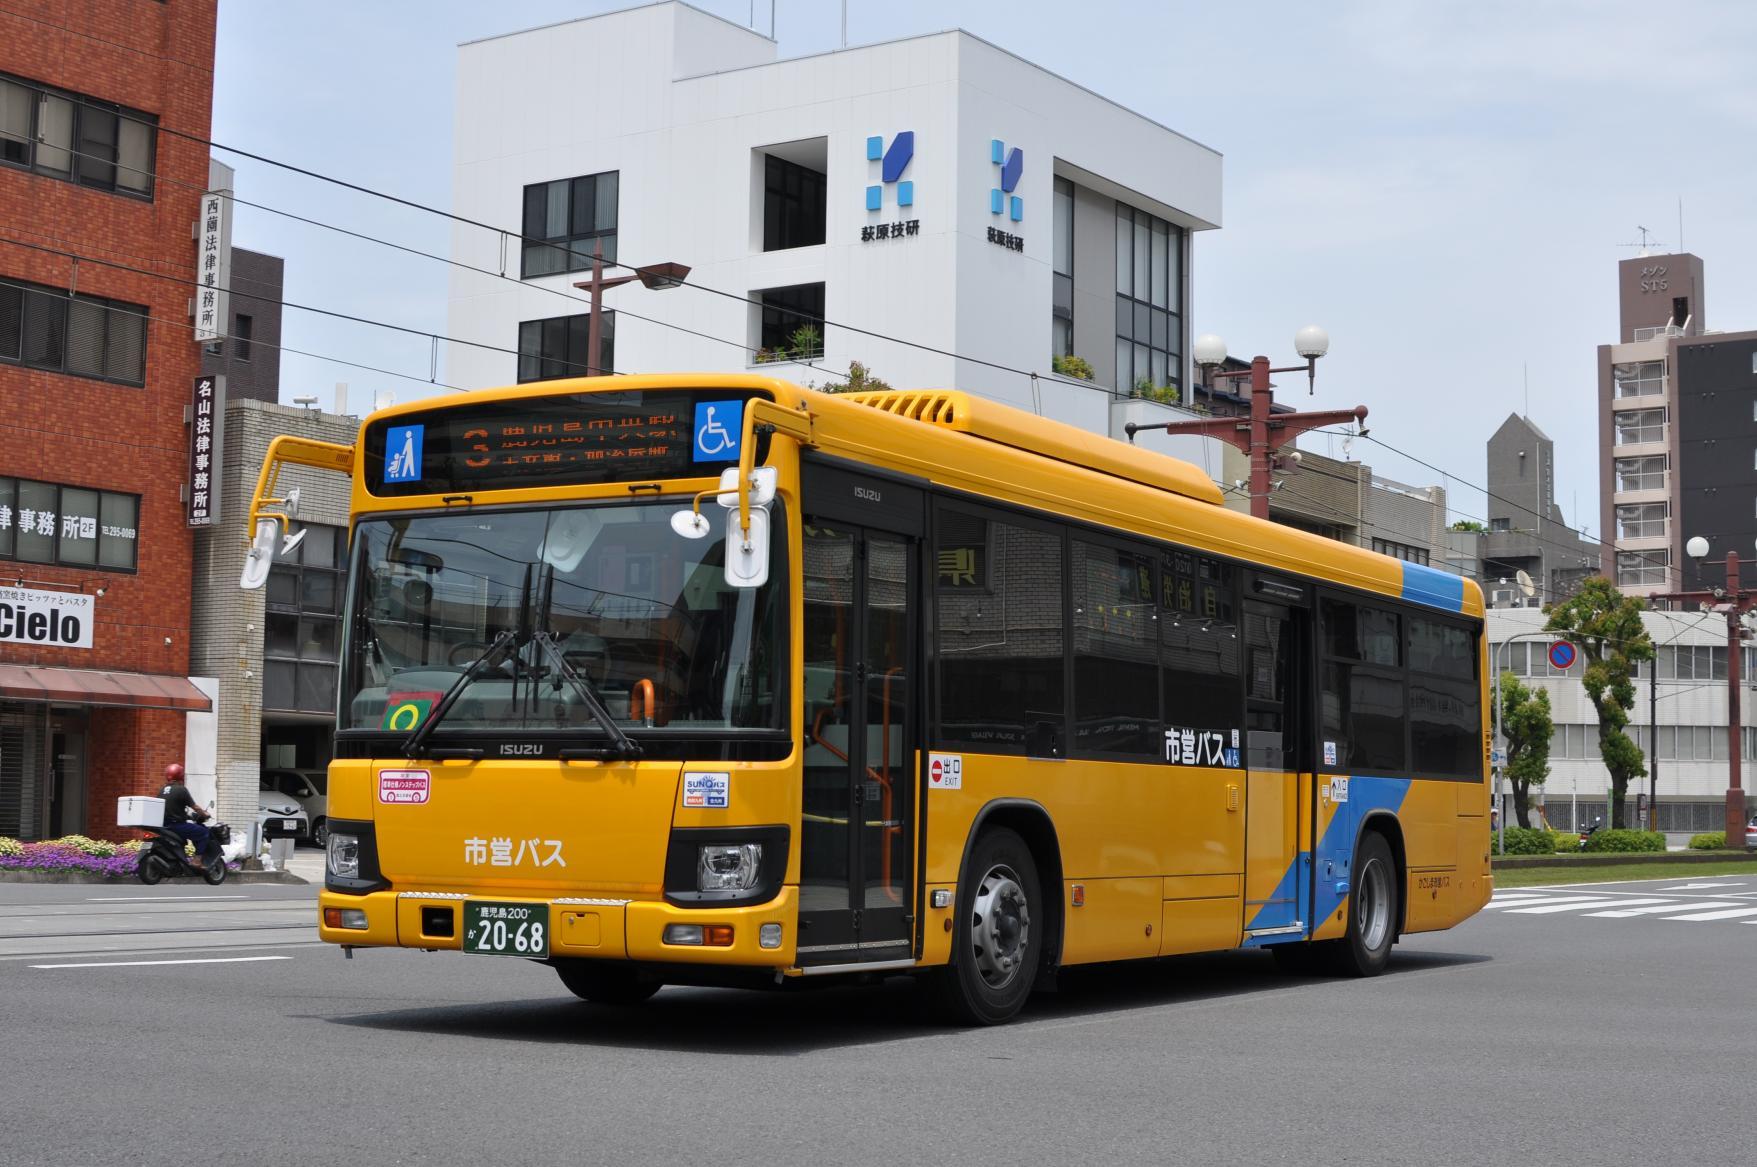 市區巴士也可自由搭乘-1